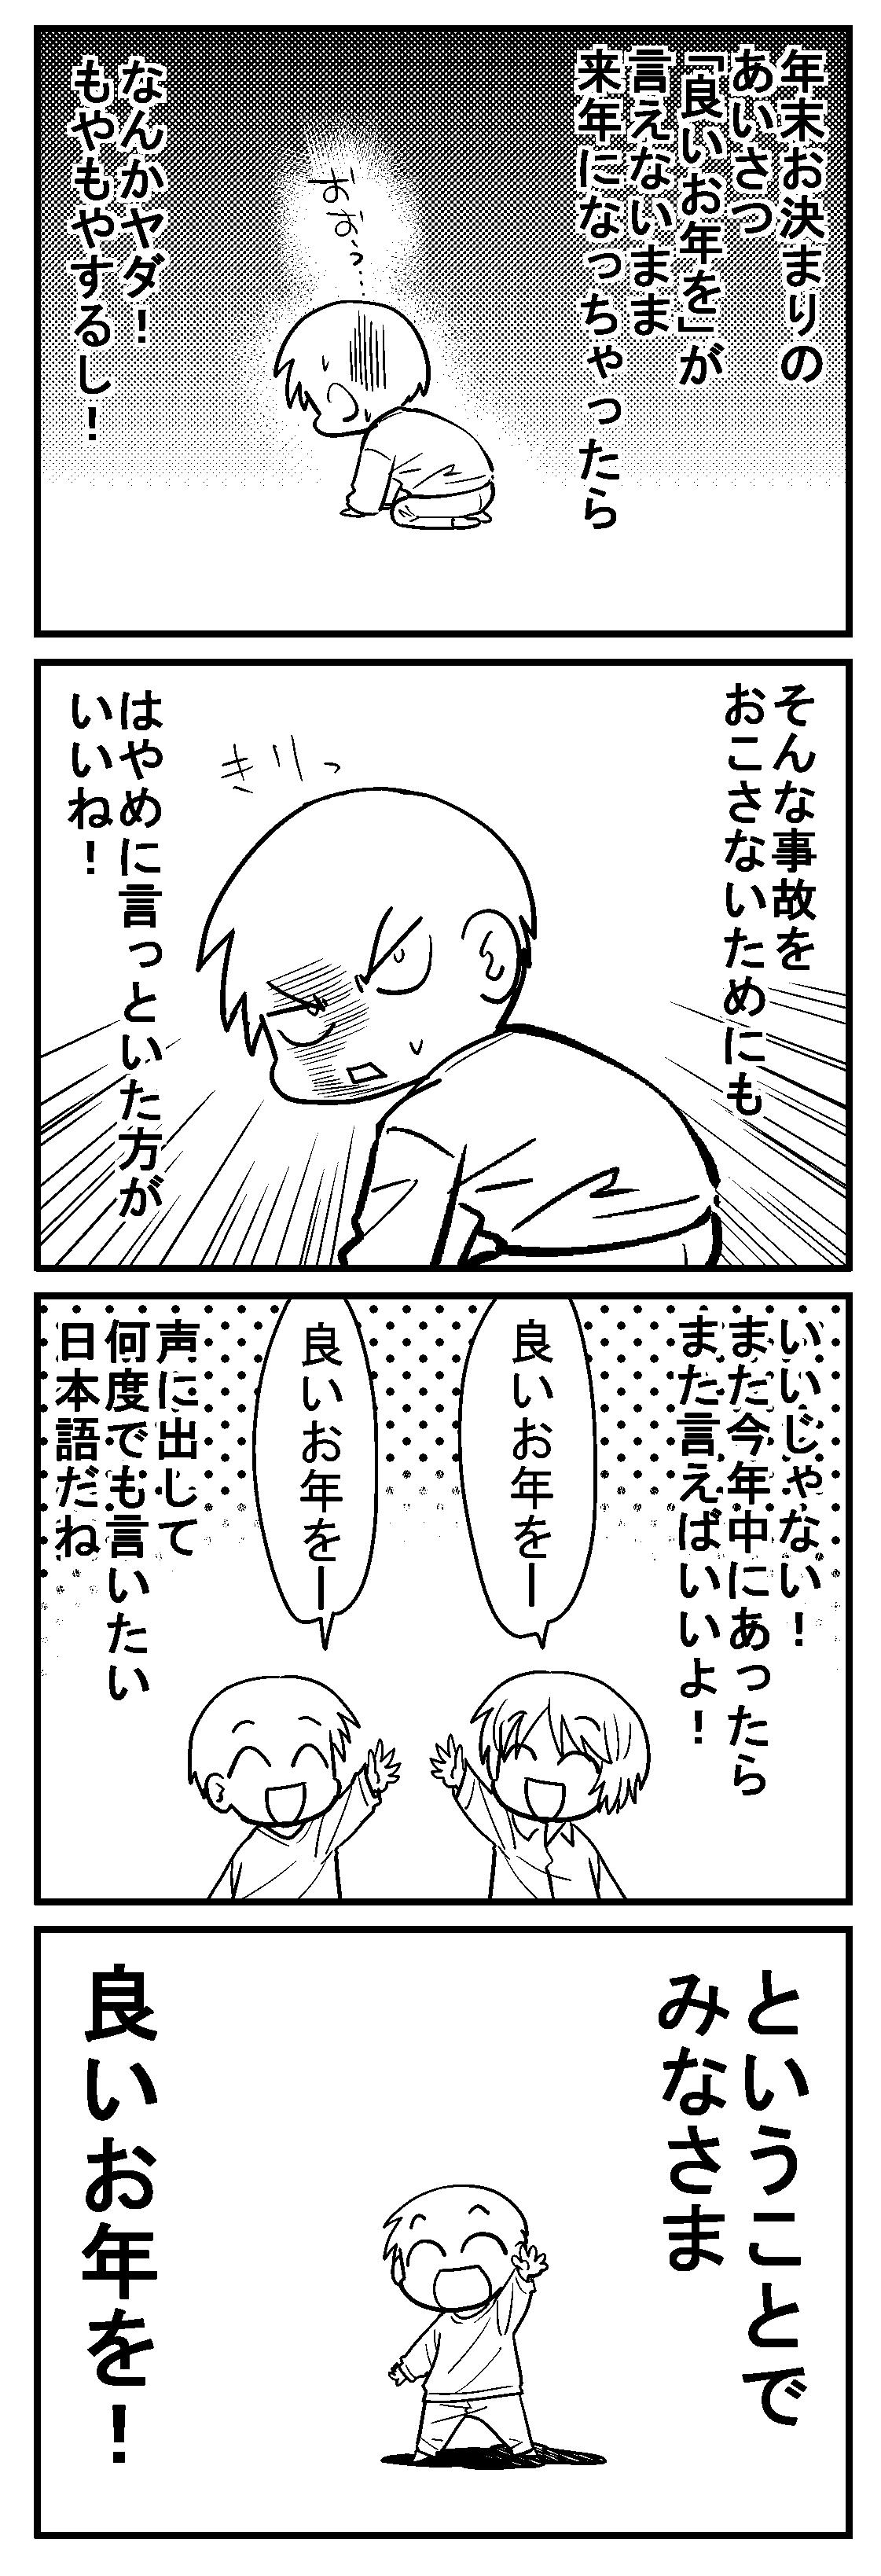 深読みくん32 4